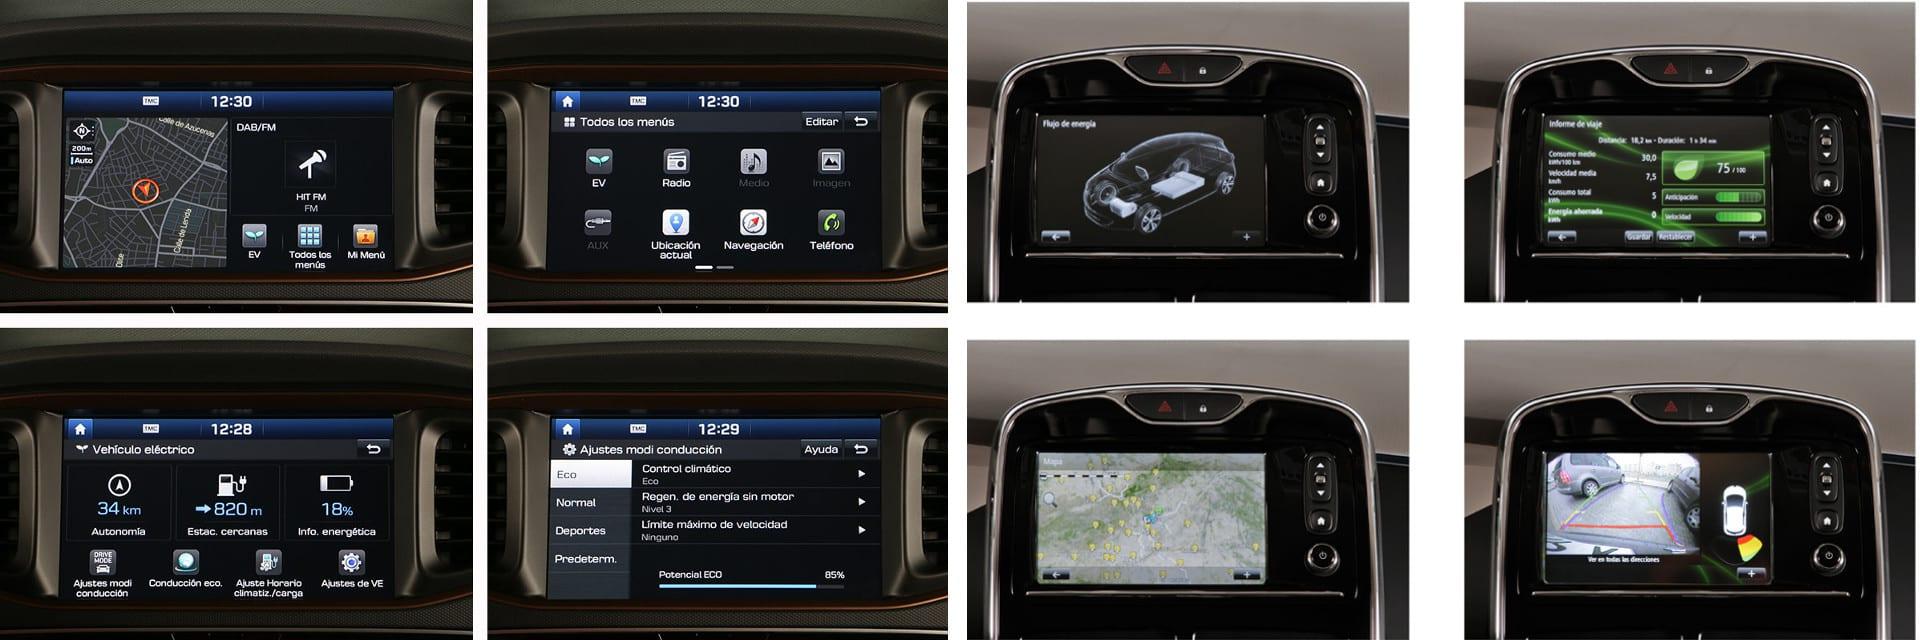 El IONIQ (izq.) viene de serie con cámara de visión trasera. Esta opción cuesta 200 euros en este Renault ZOE (dcha.)